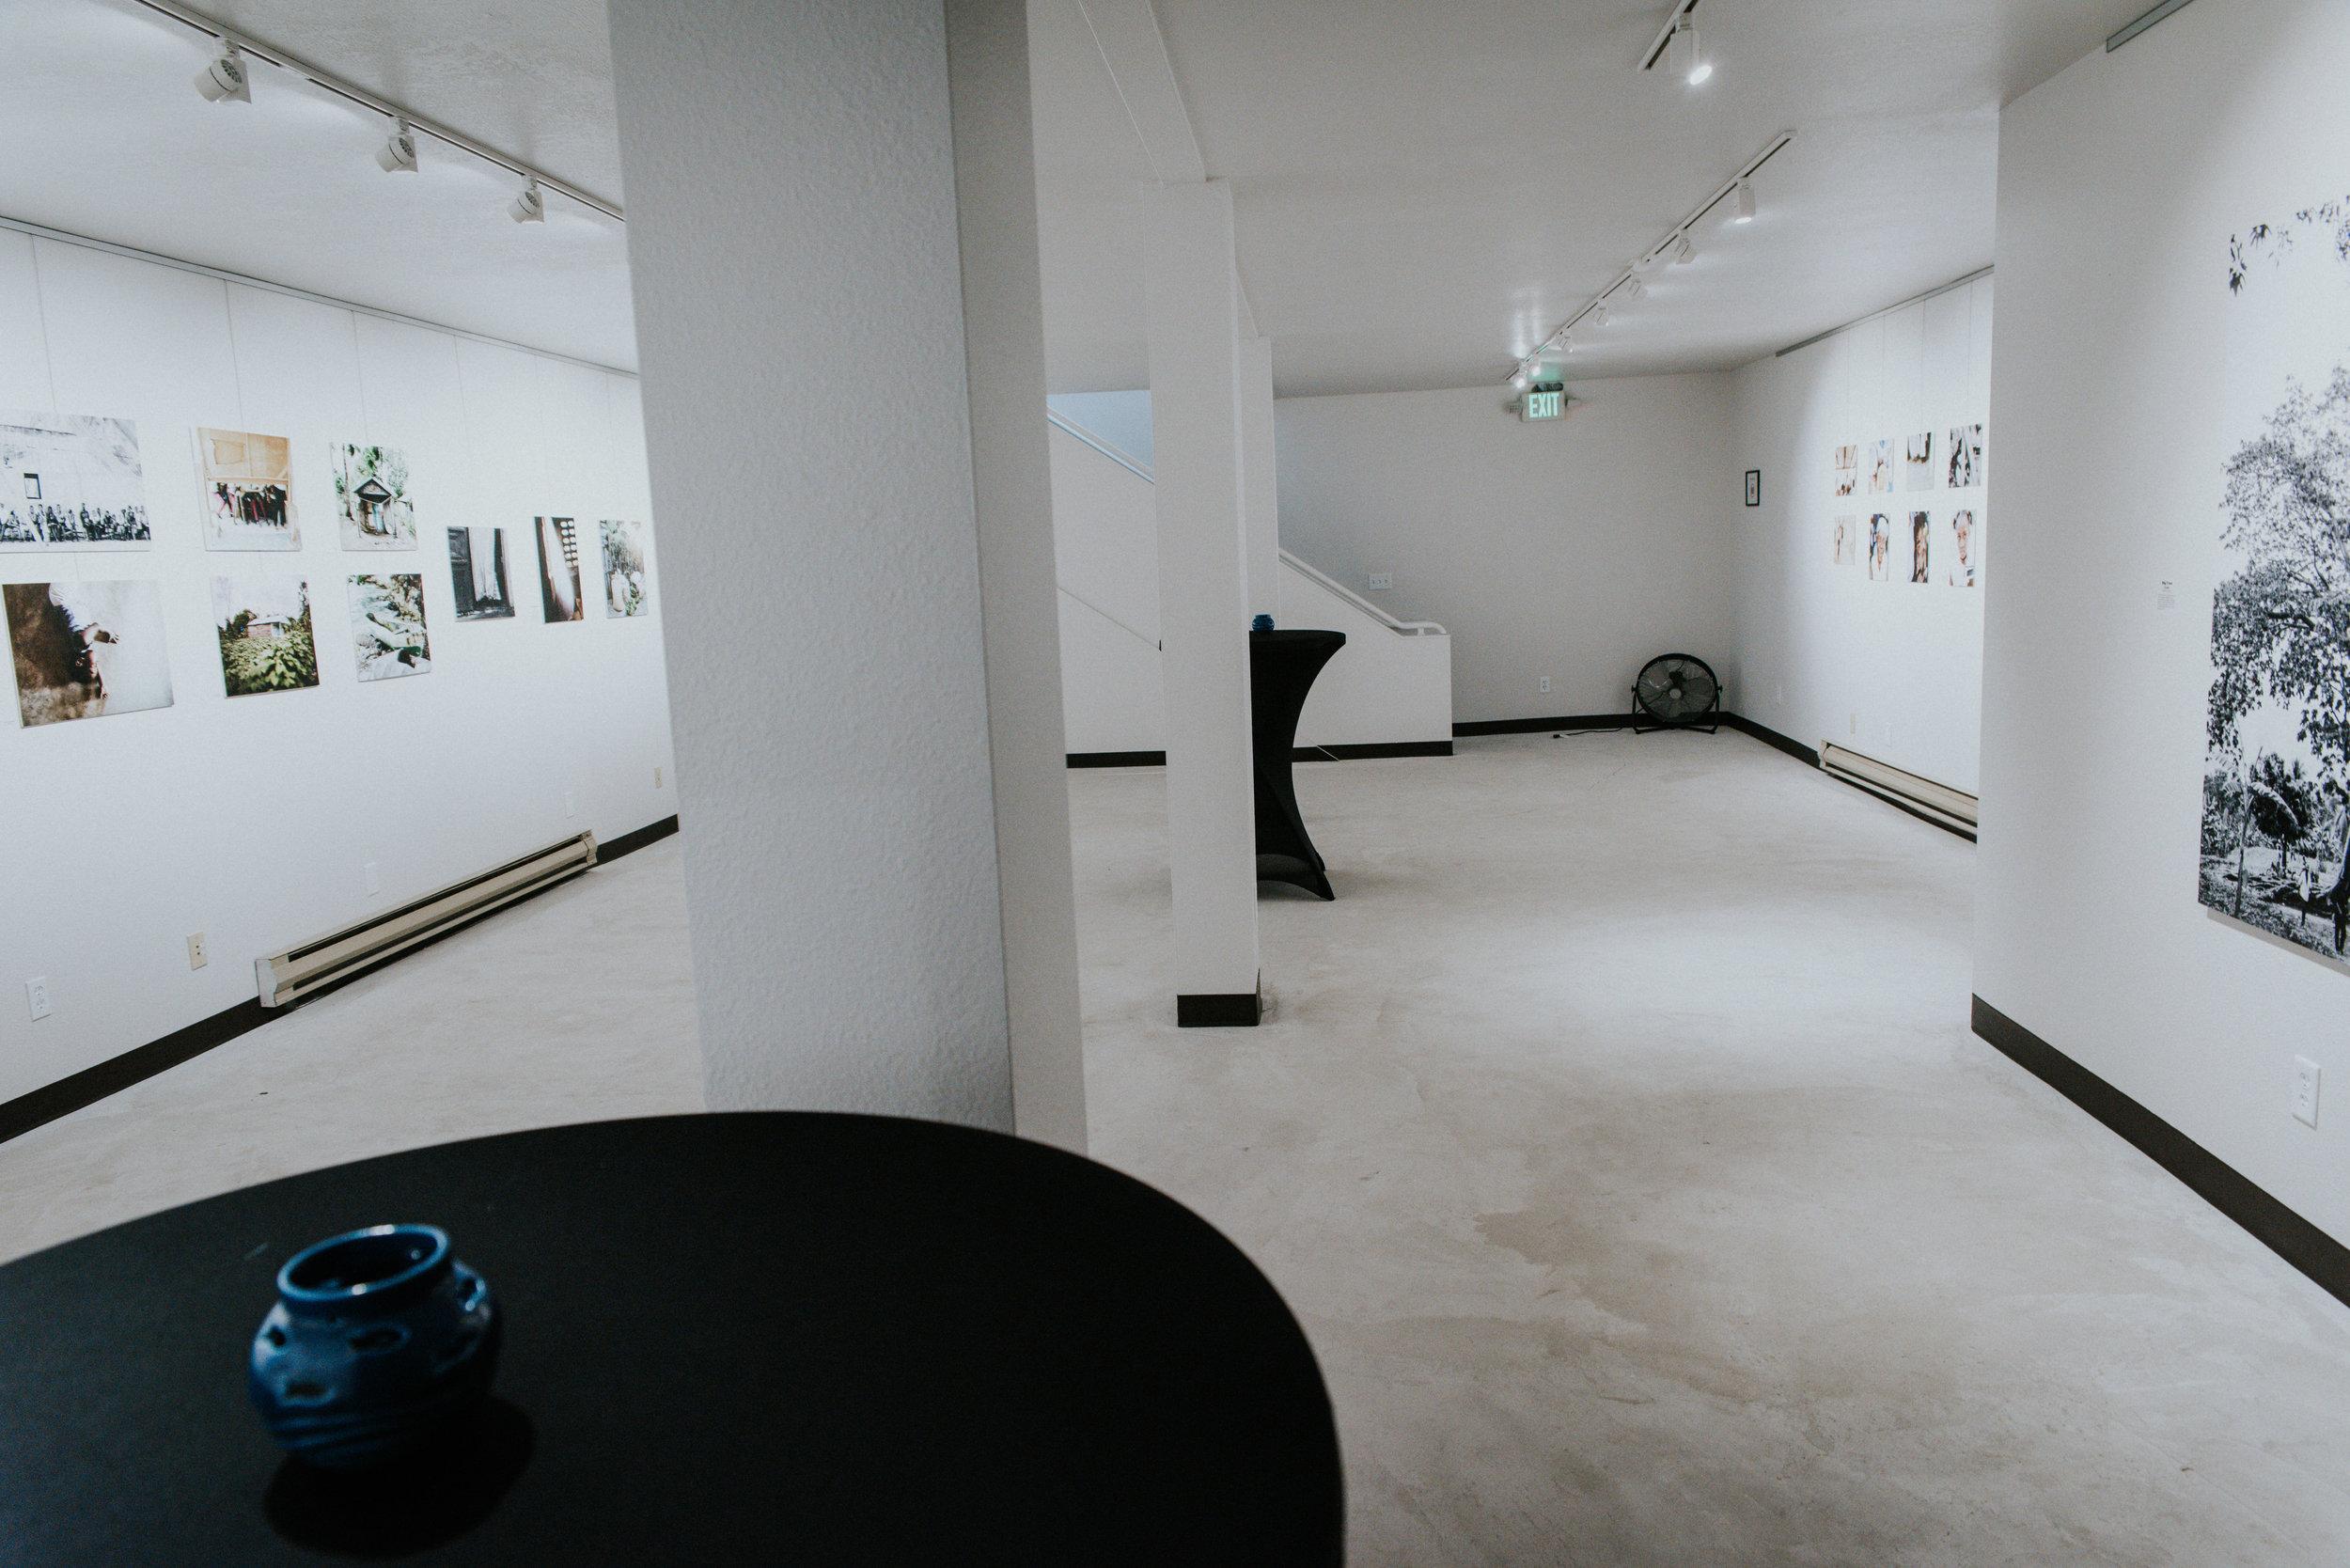 studioboise-11.jpg